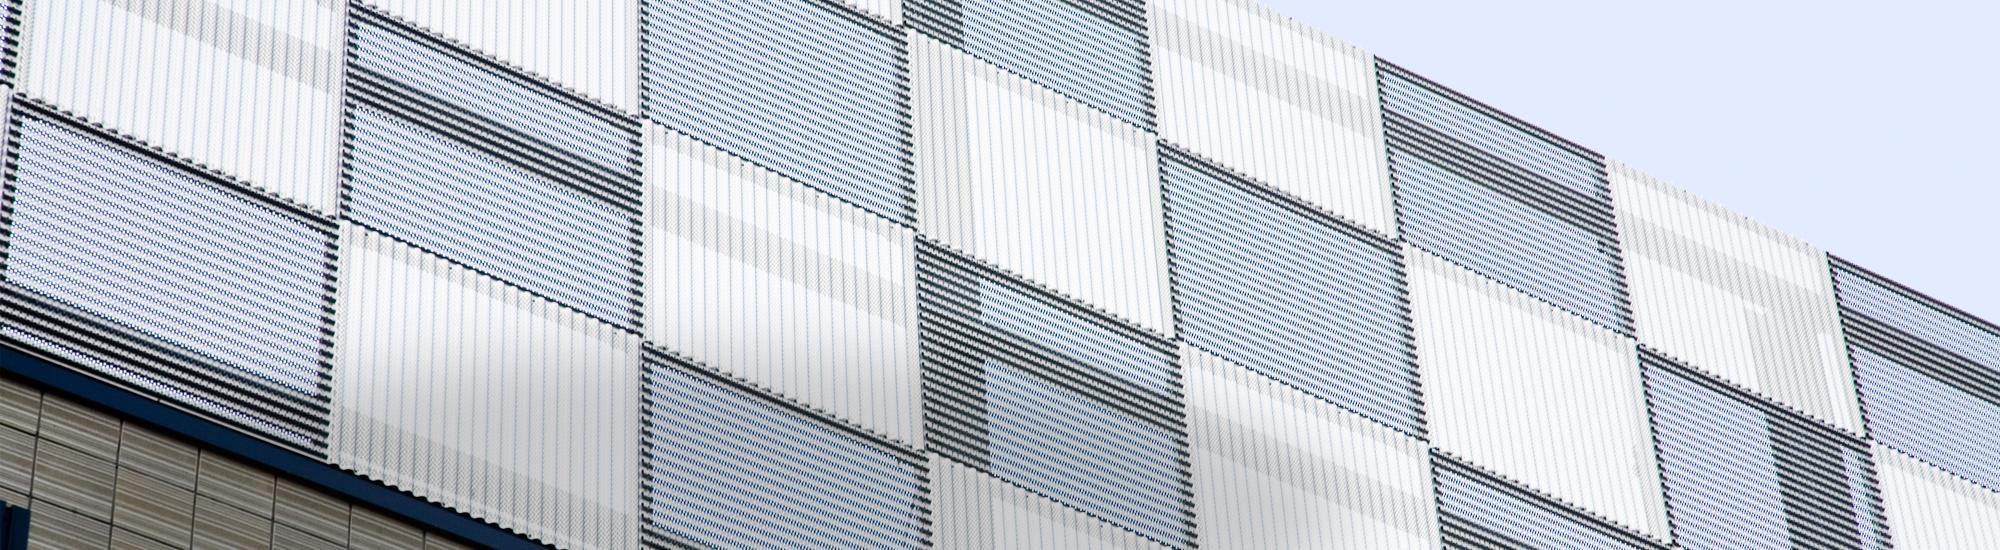 建築金物・金属製建具・パンチング・パネル